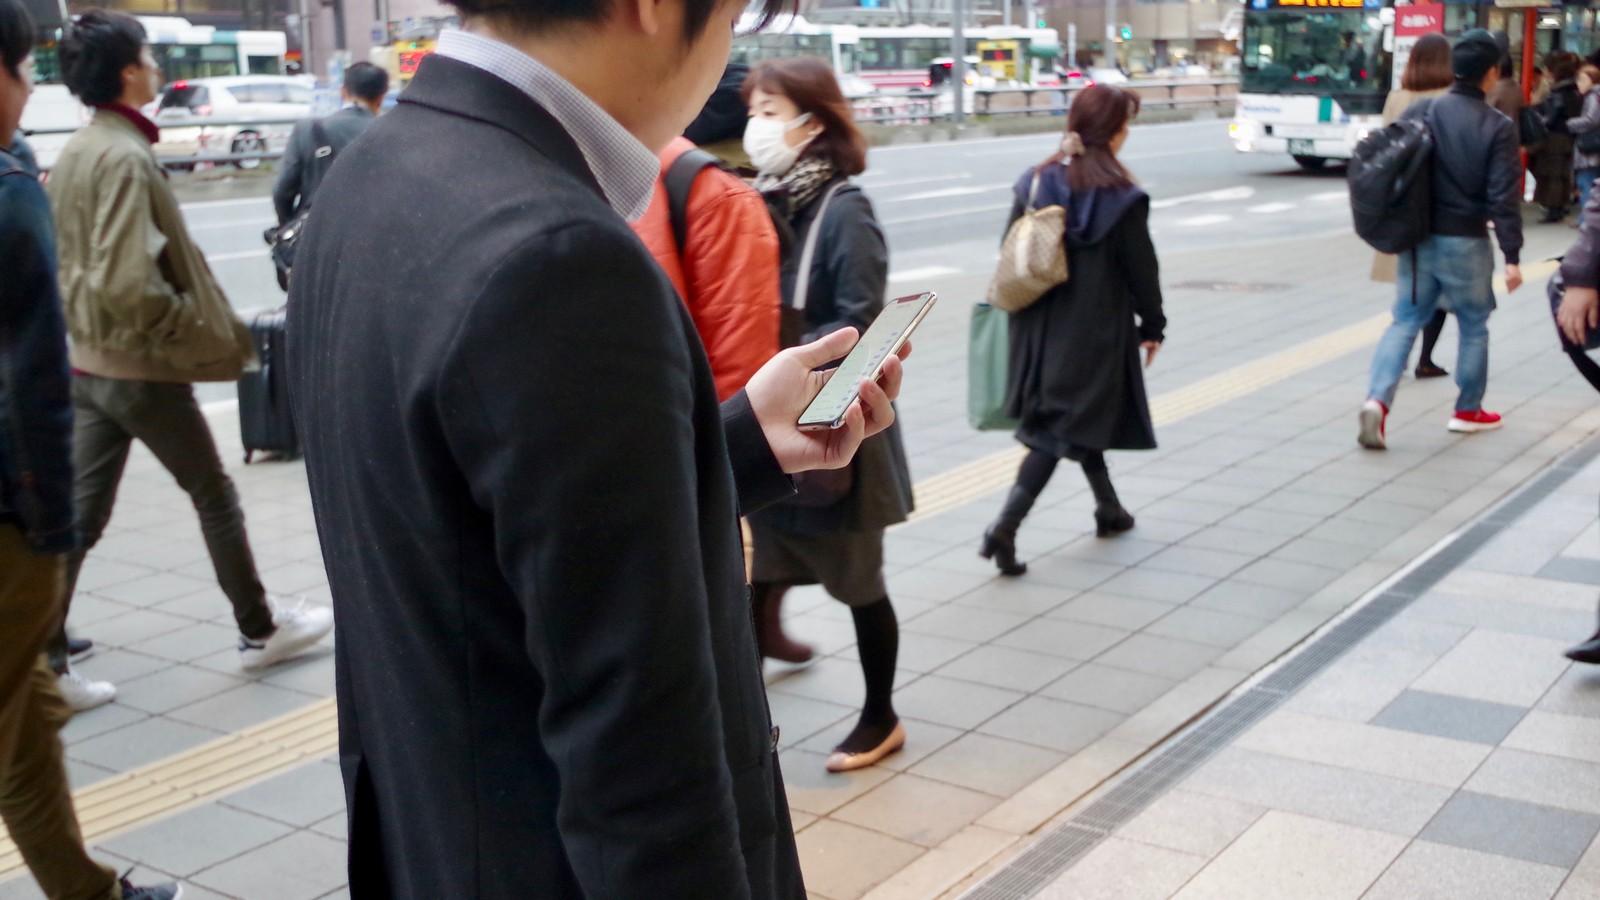 「福岡市引っ越し・証明案内」をどのように活用できるのかご紹介。 今回は仕事帰りに証明書発行できる場所編です。